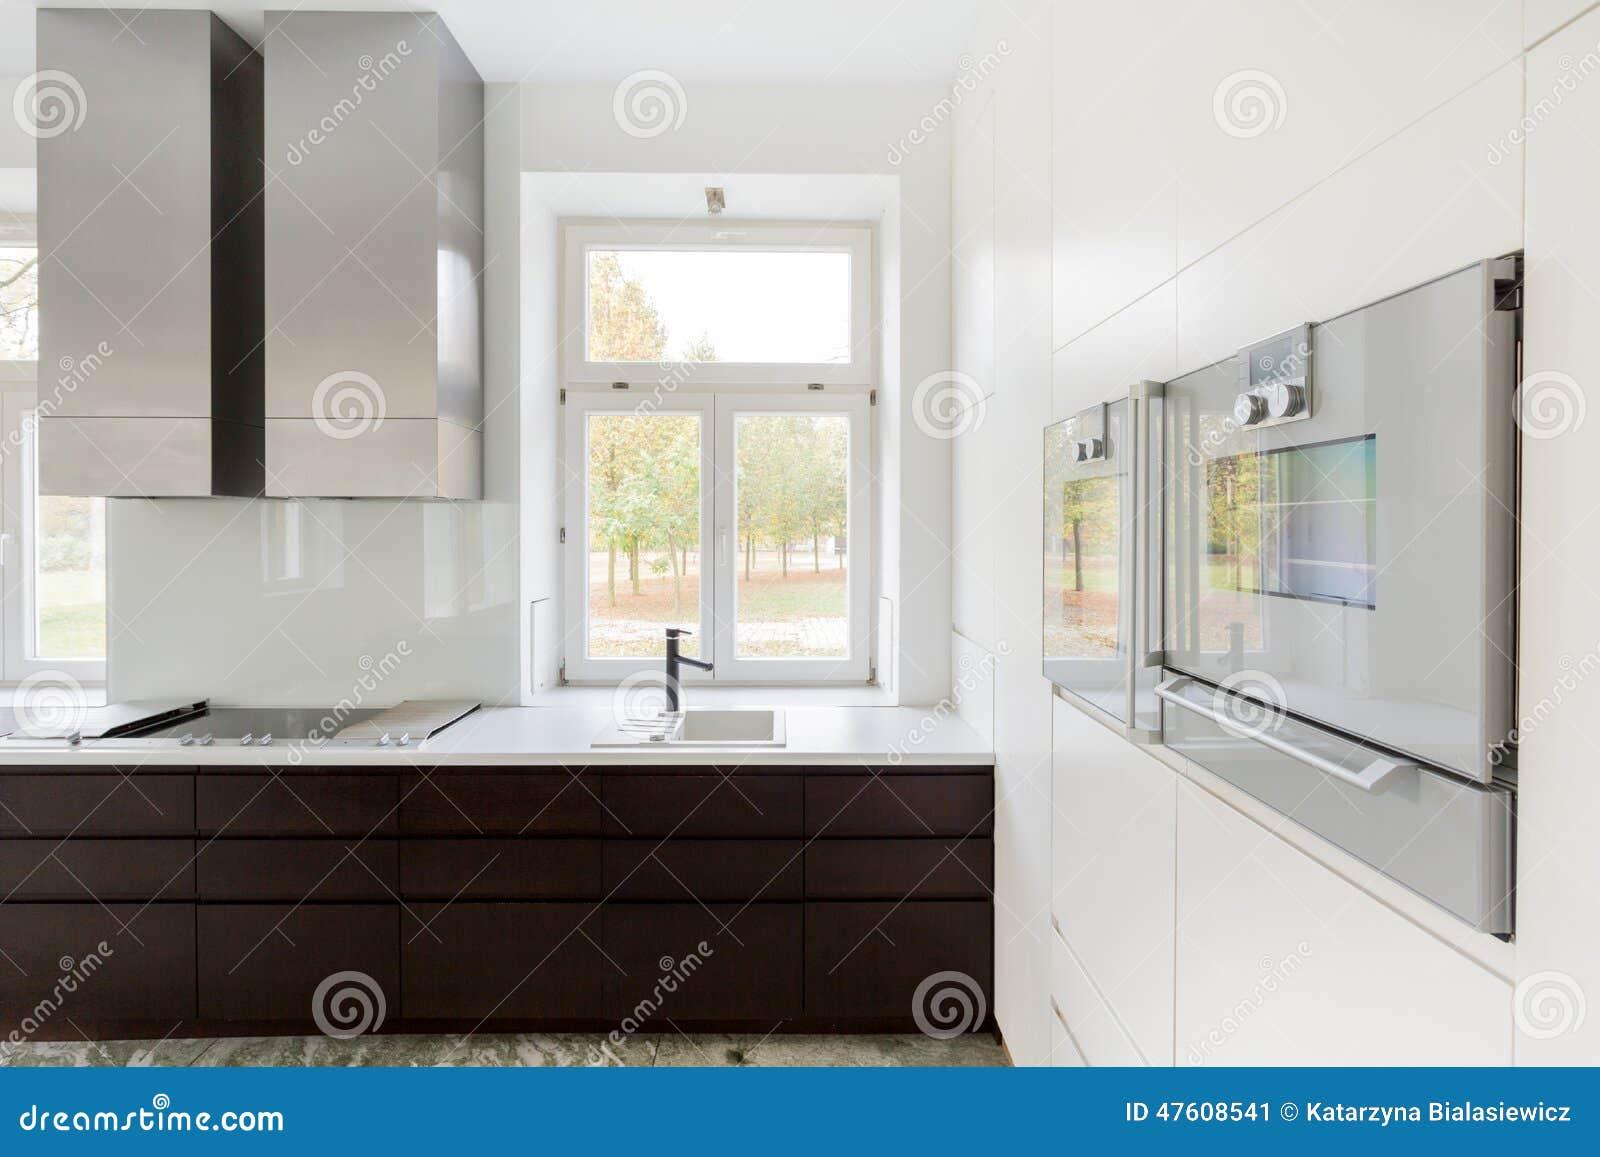 Finestra nella cucina immagine stock immagine di mobilia 47608541 - Finestra cucina ...